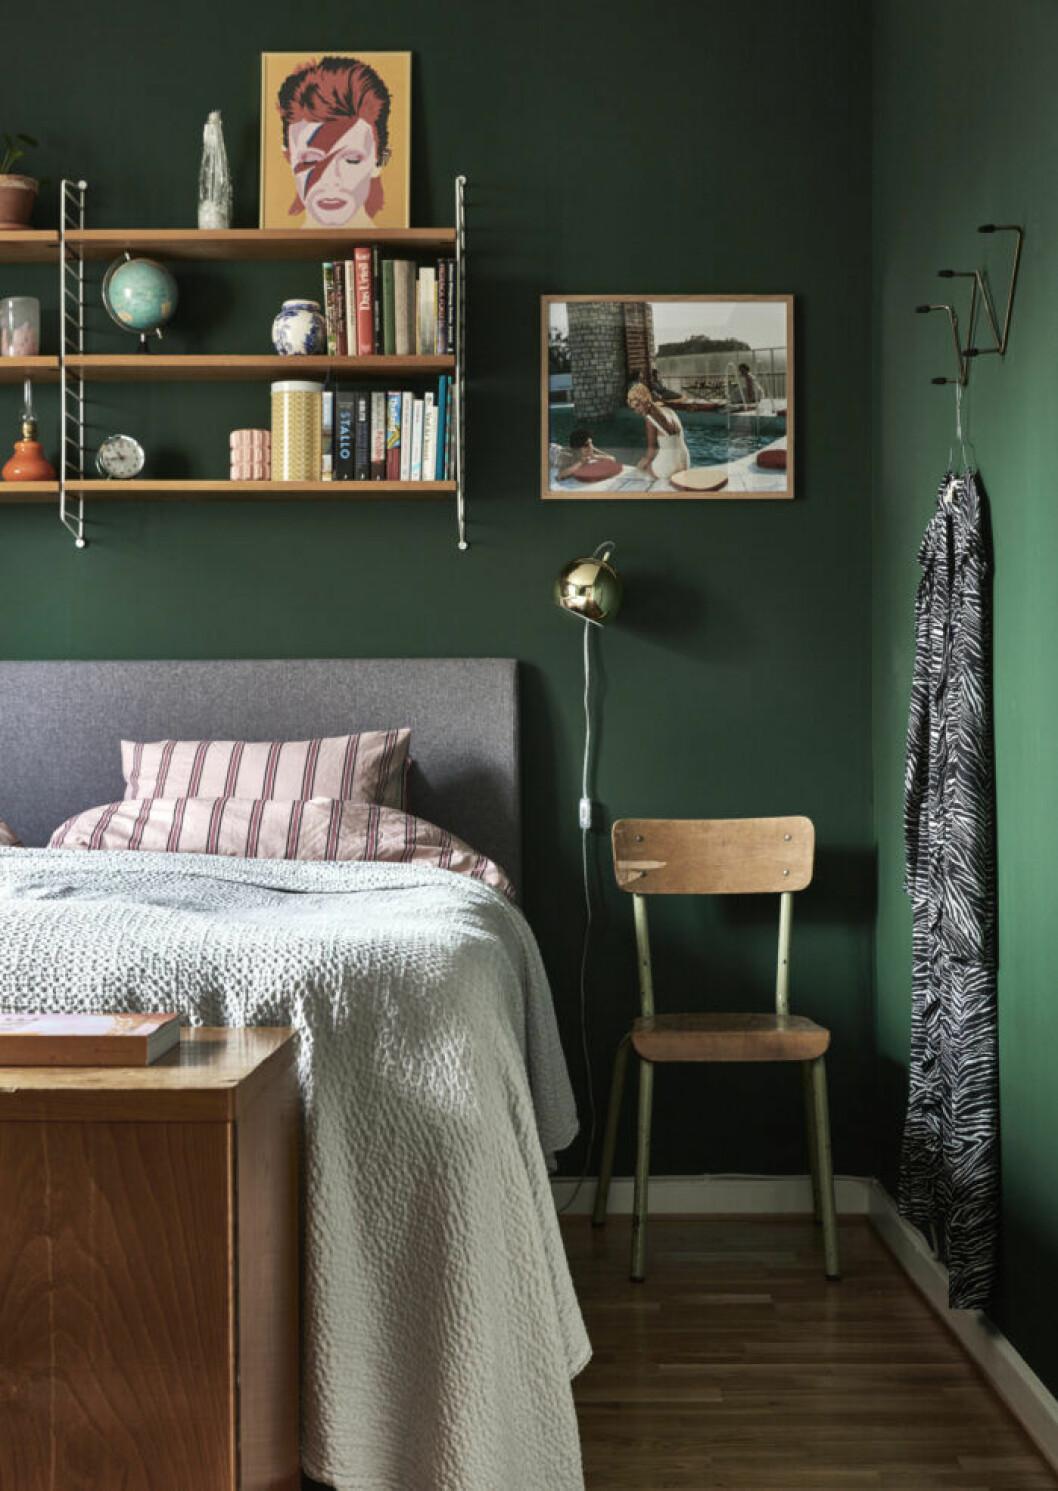 Det mörkgrönmålade sovrummet med väggfäst bokhylla